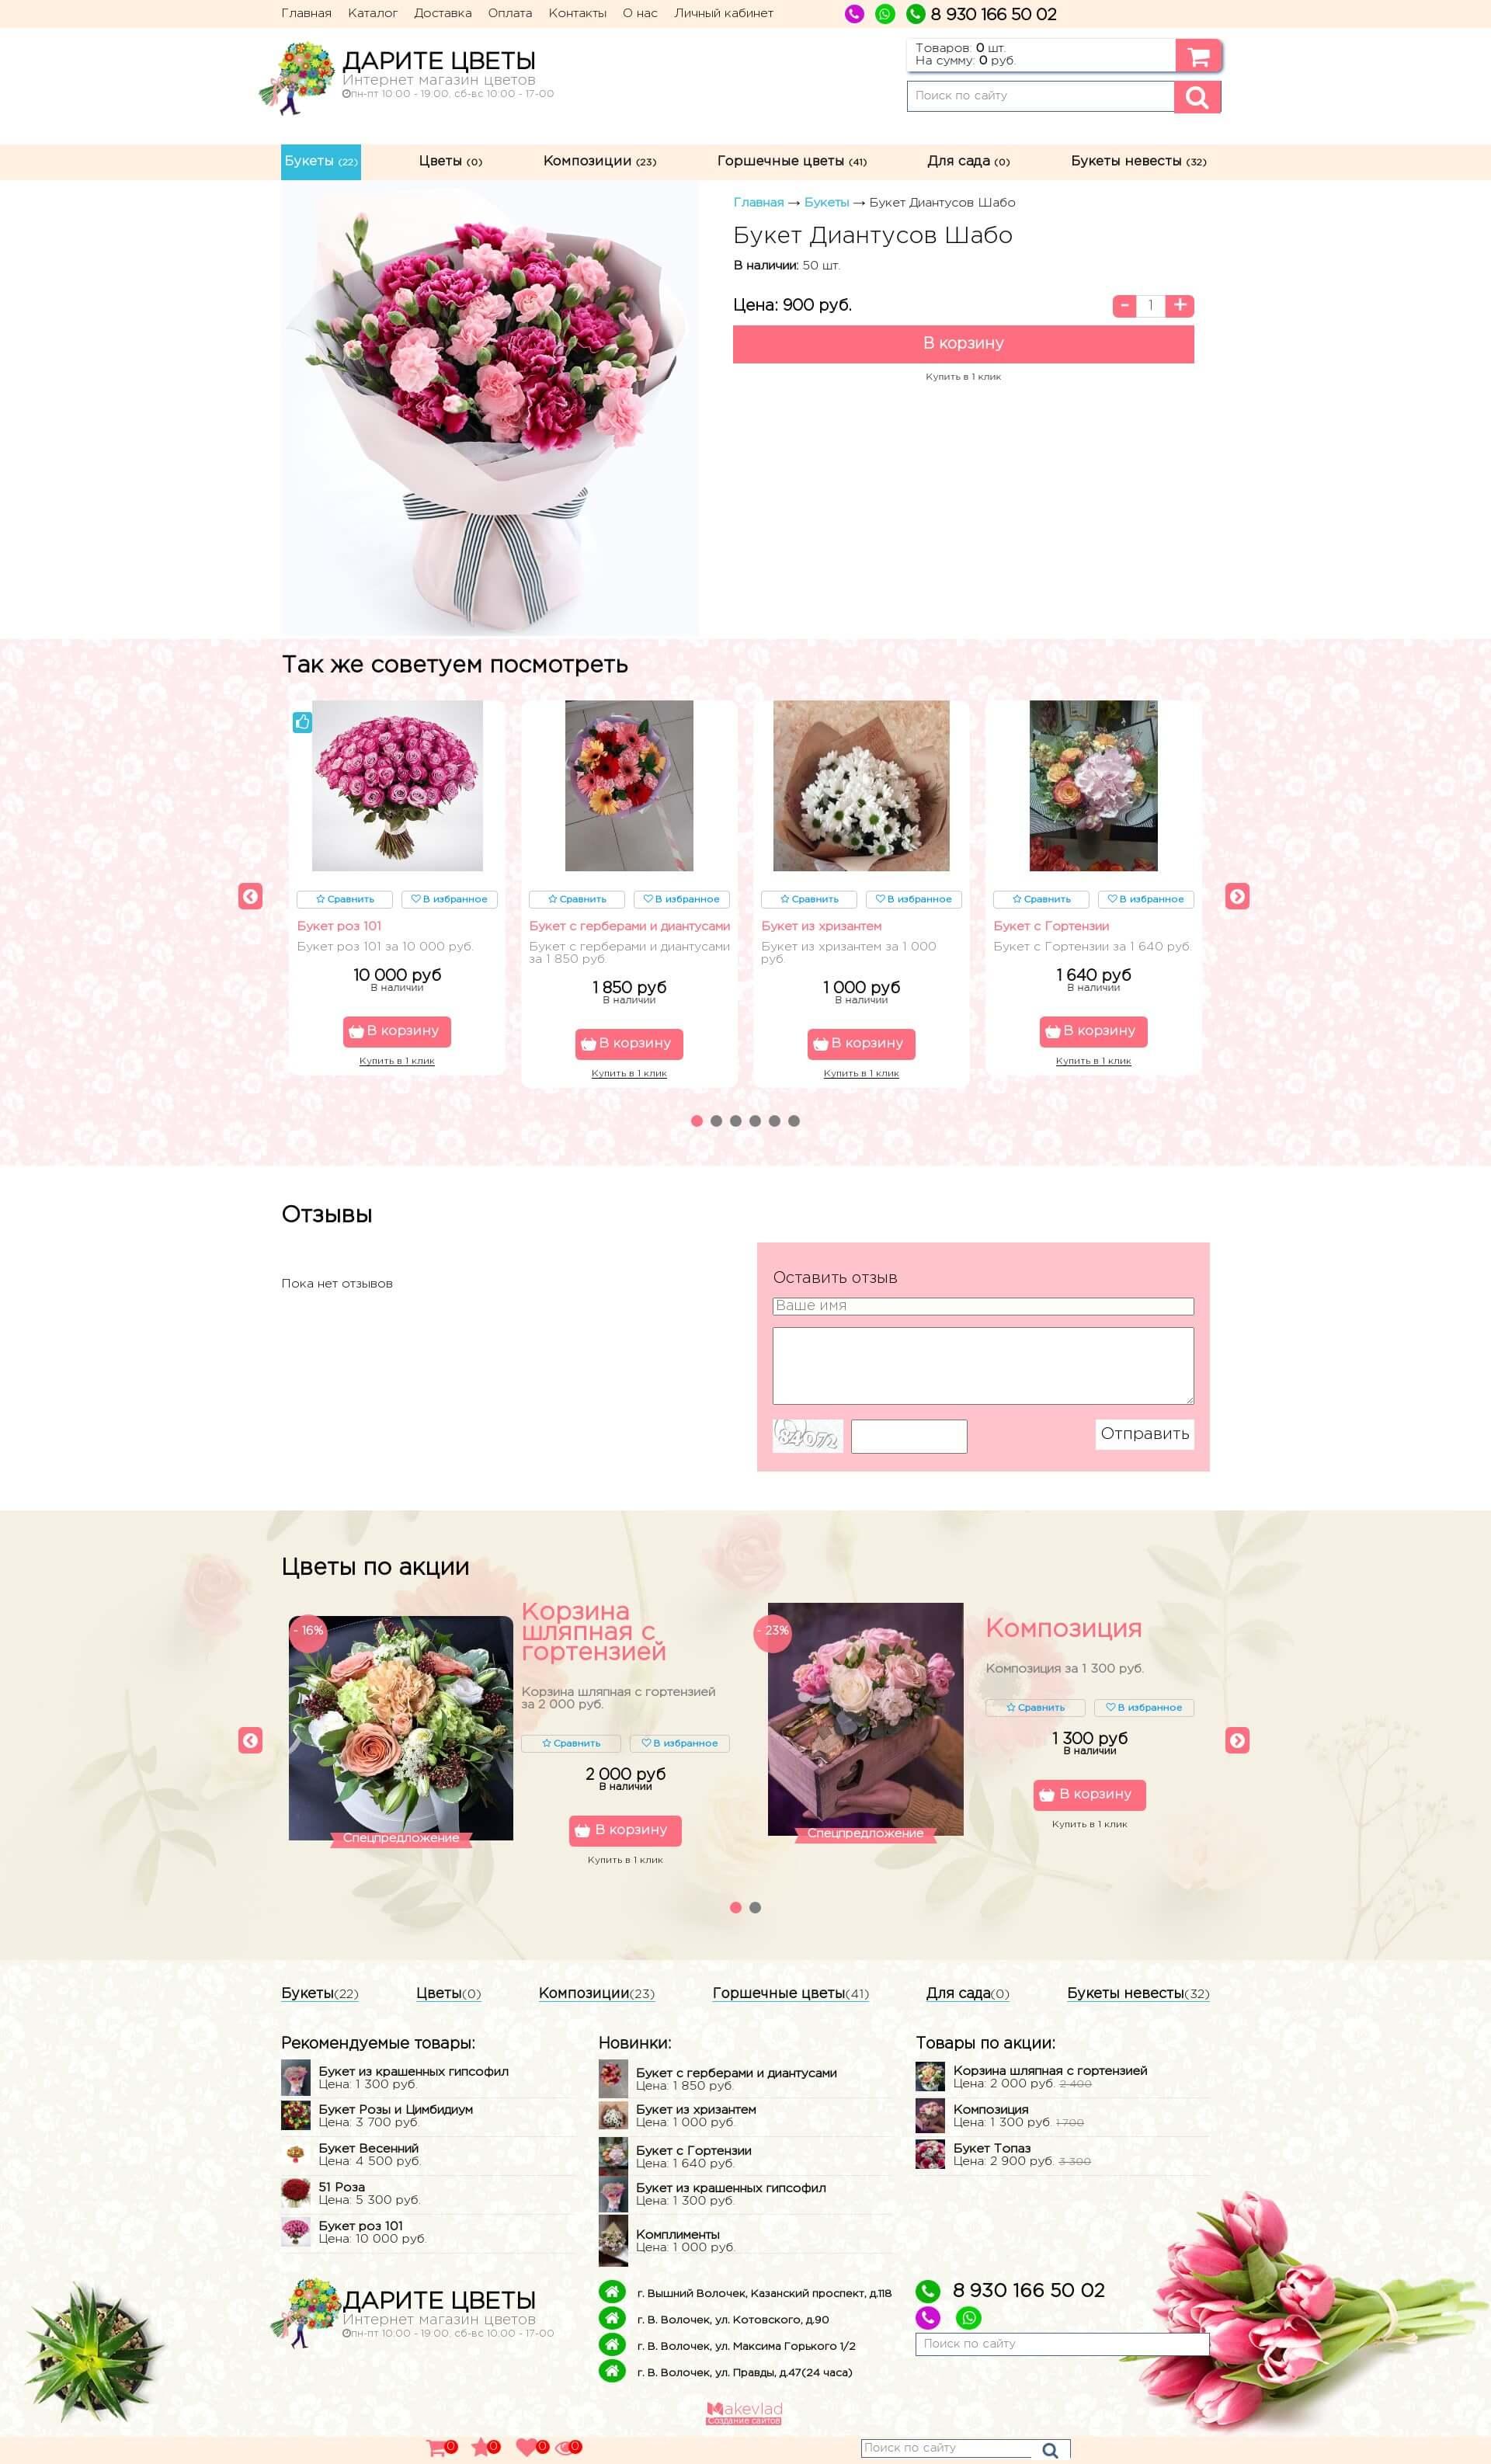 Скриншот №3 страницы сайта во весь экран. Интернет магазин для цветов